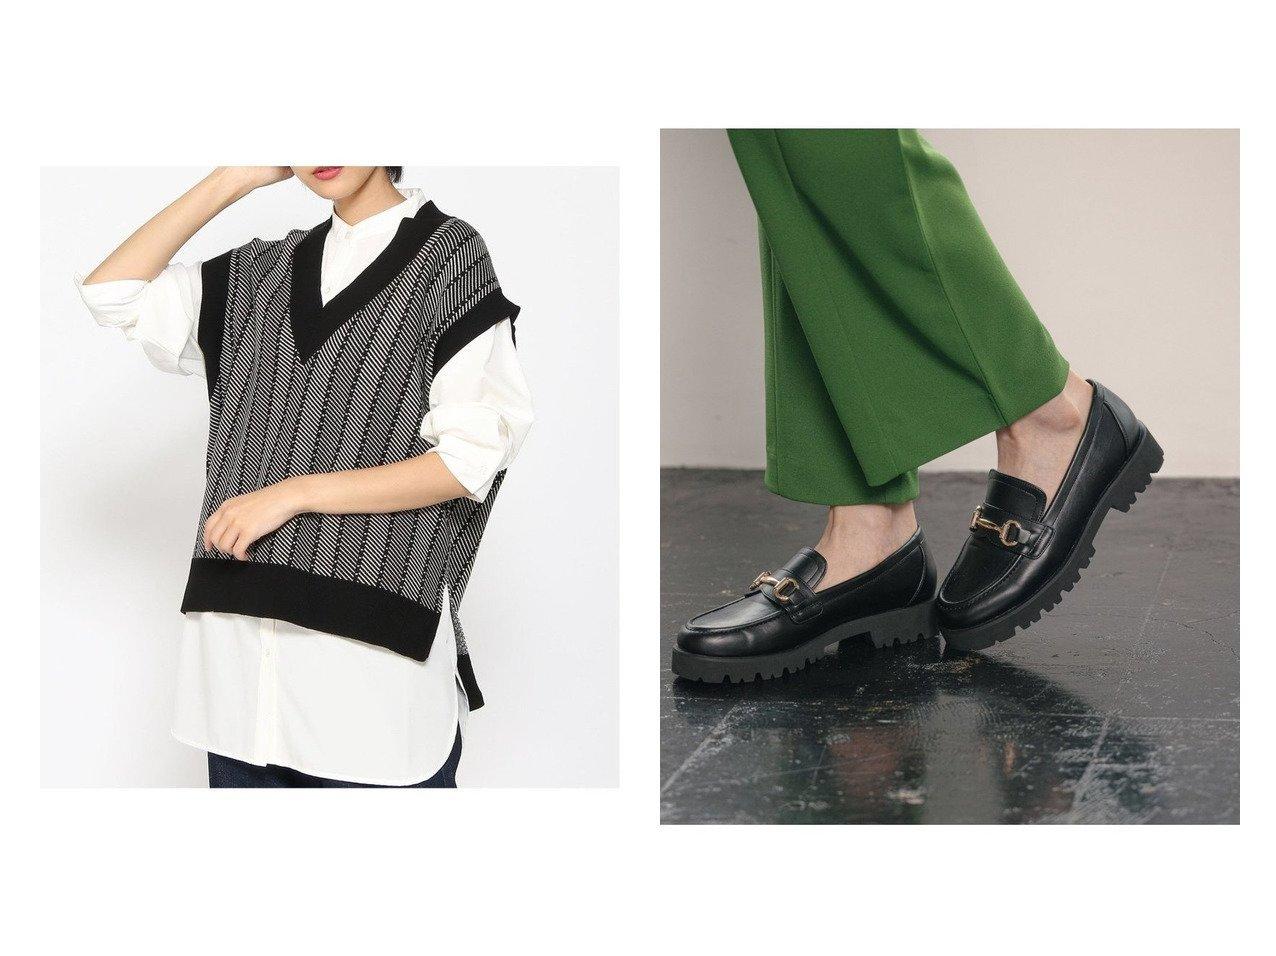 【GLOBAL WORK/グローバルワーク】のアツゾコビットローファー&メルティーガラニットベスト おすすめ!人気、トレンド・レディースファッションの通販 おすすめで人気の流行・トレンド、ファッションの通販商品 インテリア・家具・メンズファッション・キッズファッション・レディースファッション・服の通販 founy(ファニー) https://founy.com/ ファッション Fashion レディースファッション WOMEN アウター Coat Outerwear トップス・カットソー Tops/Tshirt ニット Knit Tops キャミソール / ノースリーブ No Sleeves ベスト/ジレ Gilets/Vests NEW・新作・新着・新入荷 New Arrivals ノースリーブ ベスト A/W・秋冬 AW・Autumn/Winter・FW・Fall-Winter シューズ ドレス 再入荷 Restock/Back in Stock/Re Arrival 厚底 抗菌  ID:crp329100000072401